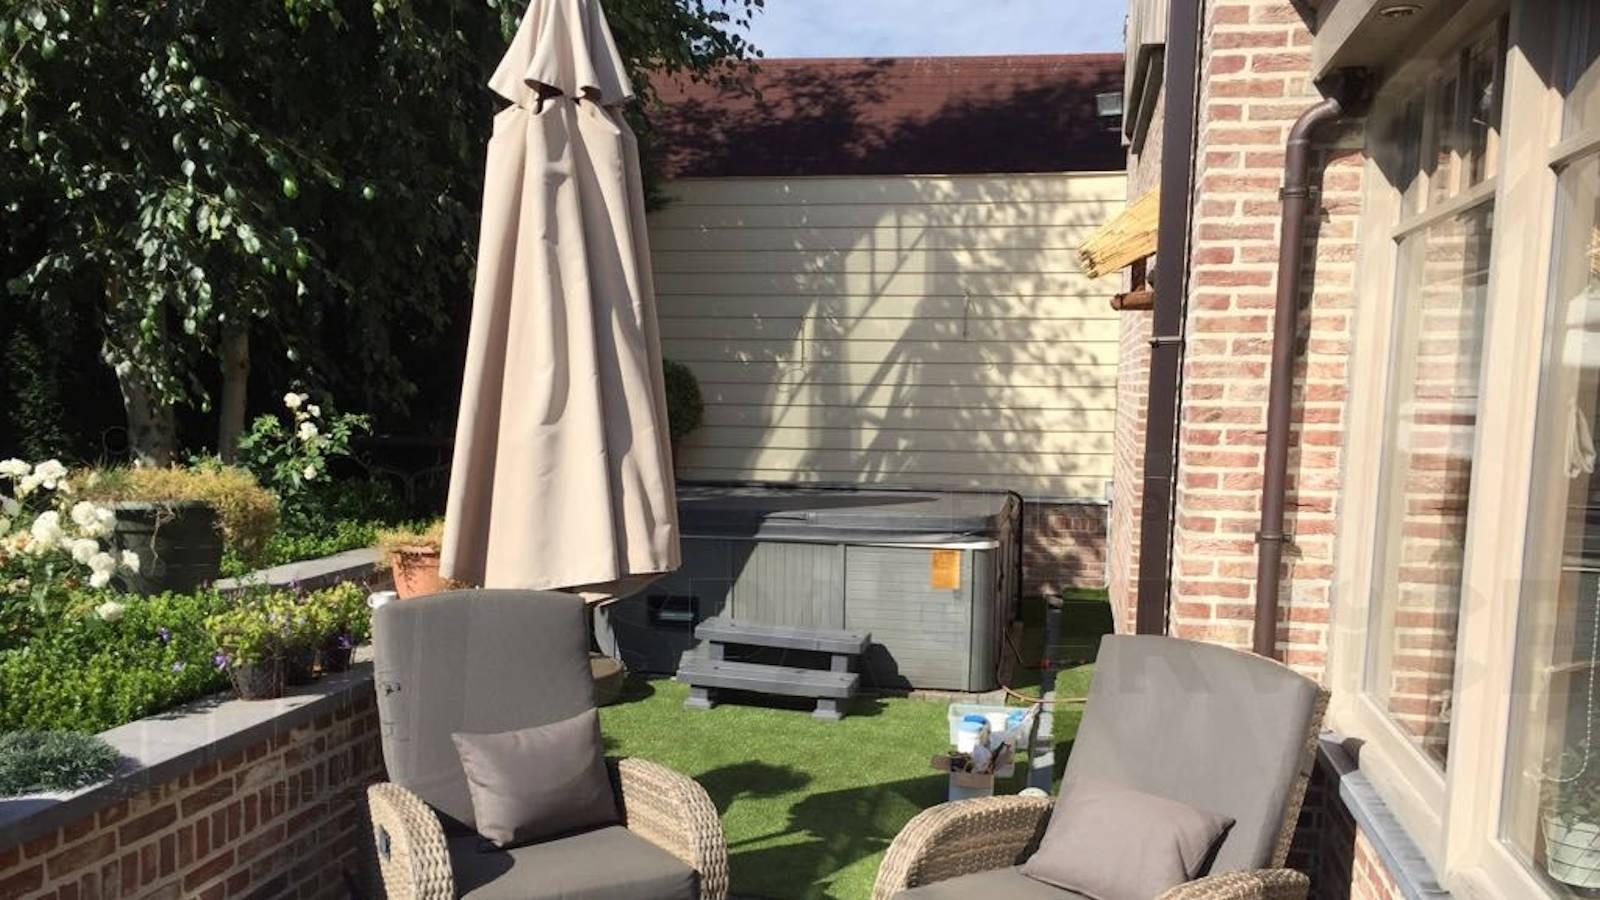 Ozonator vervangen van een Bubbelkoning Venice spa in Landskouter België